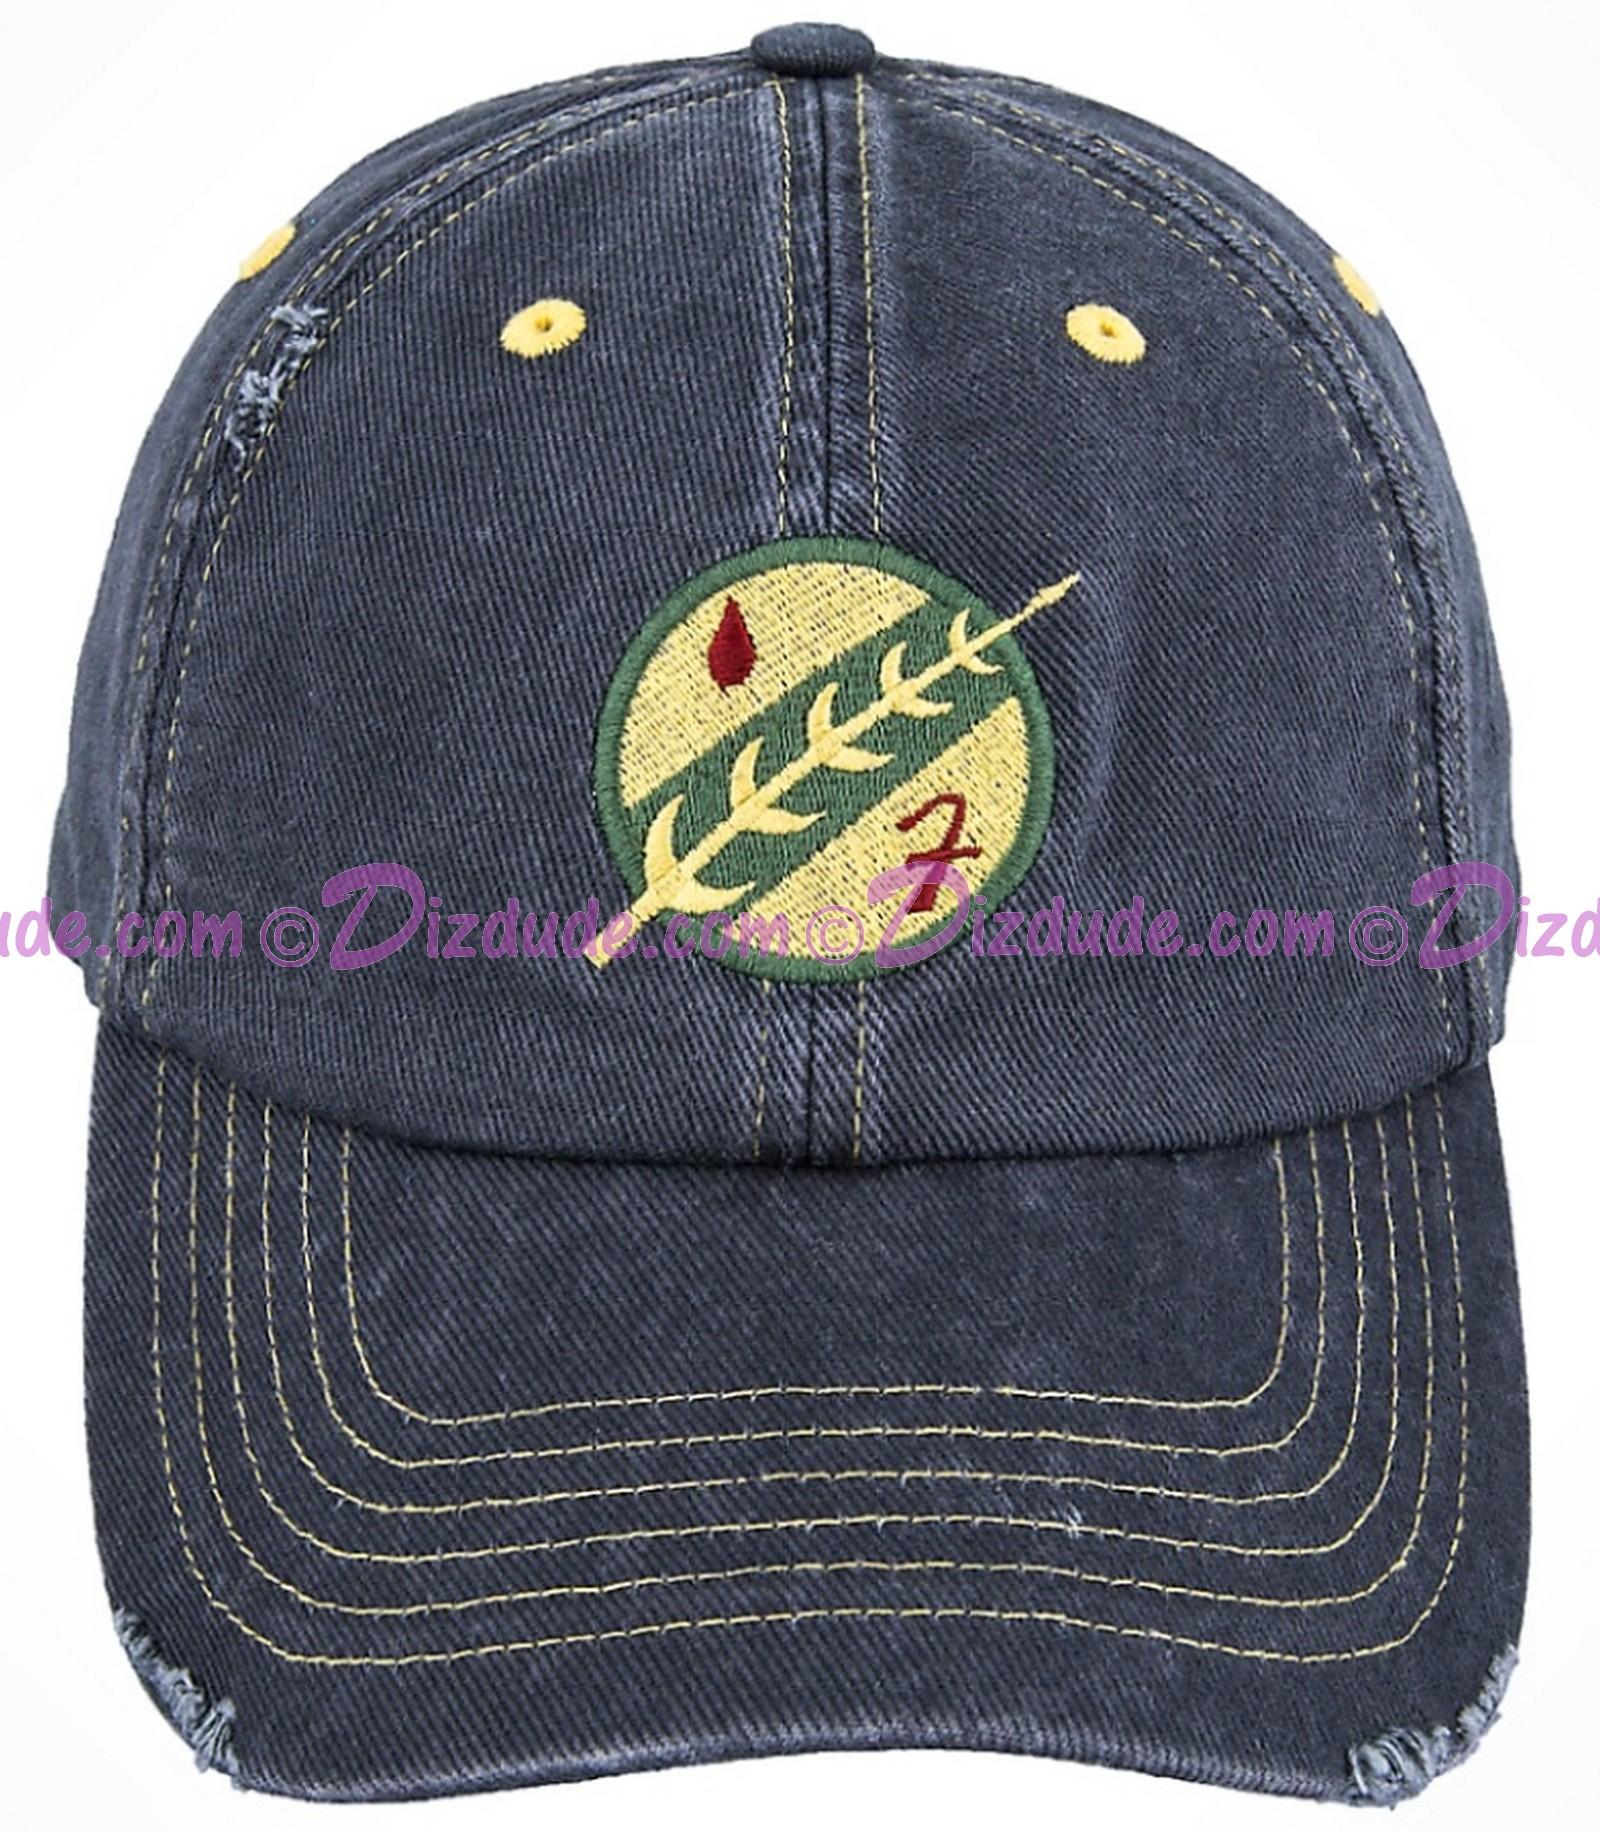 Disney Star Wars Boba Fett Adjustable Baseball Hat © Dizdude.com